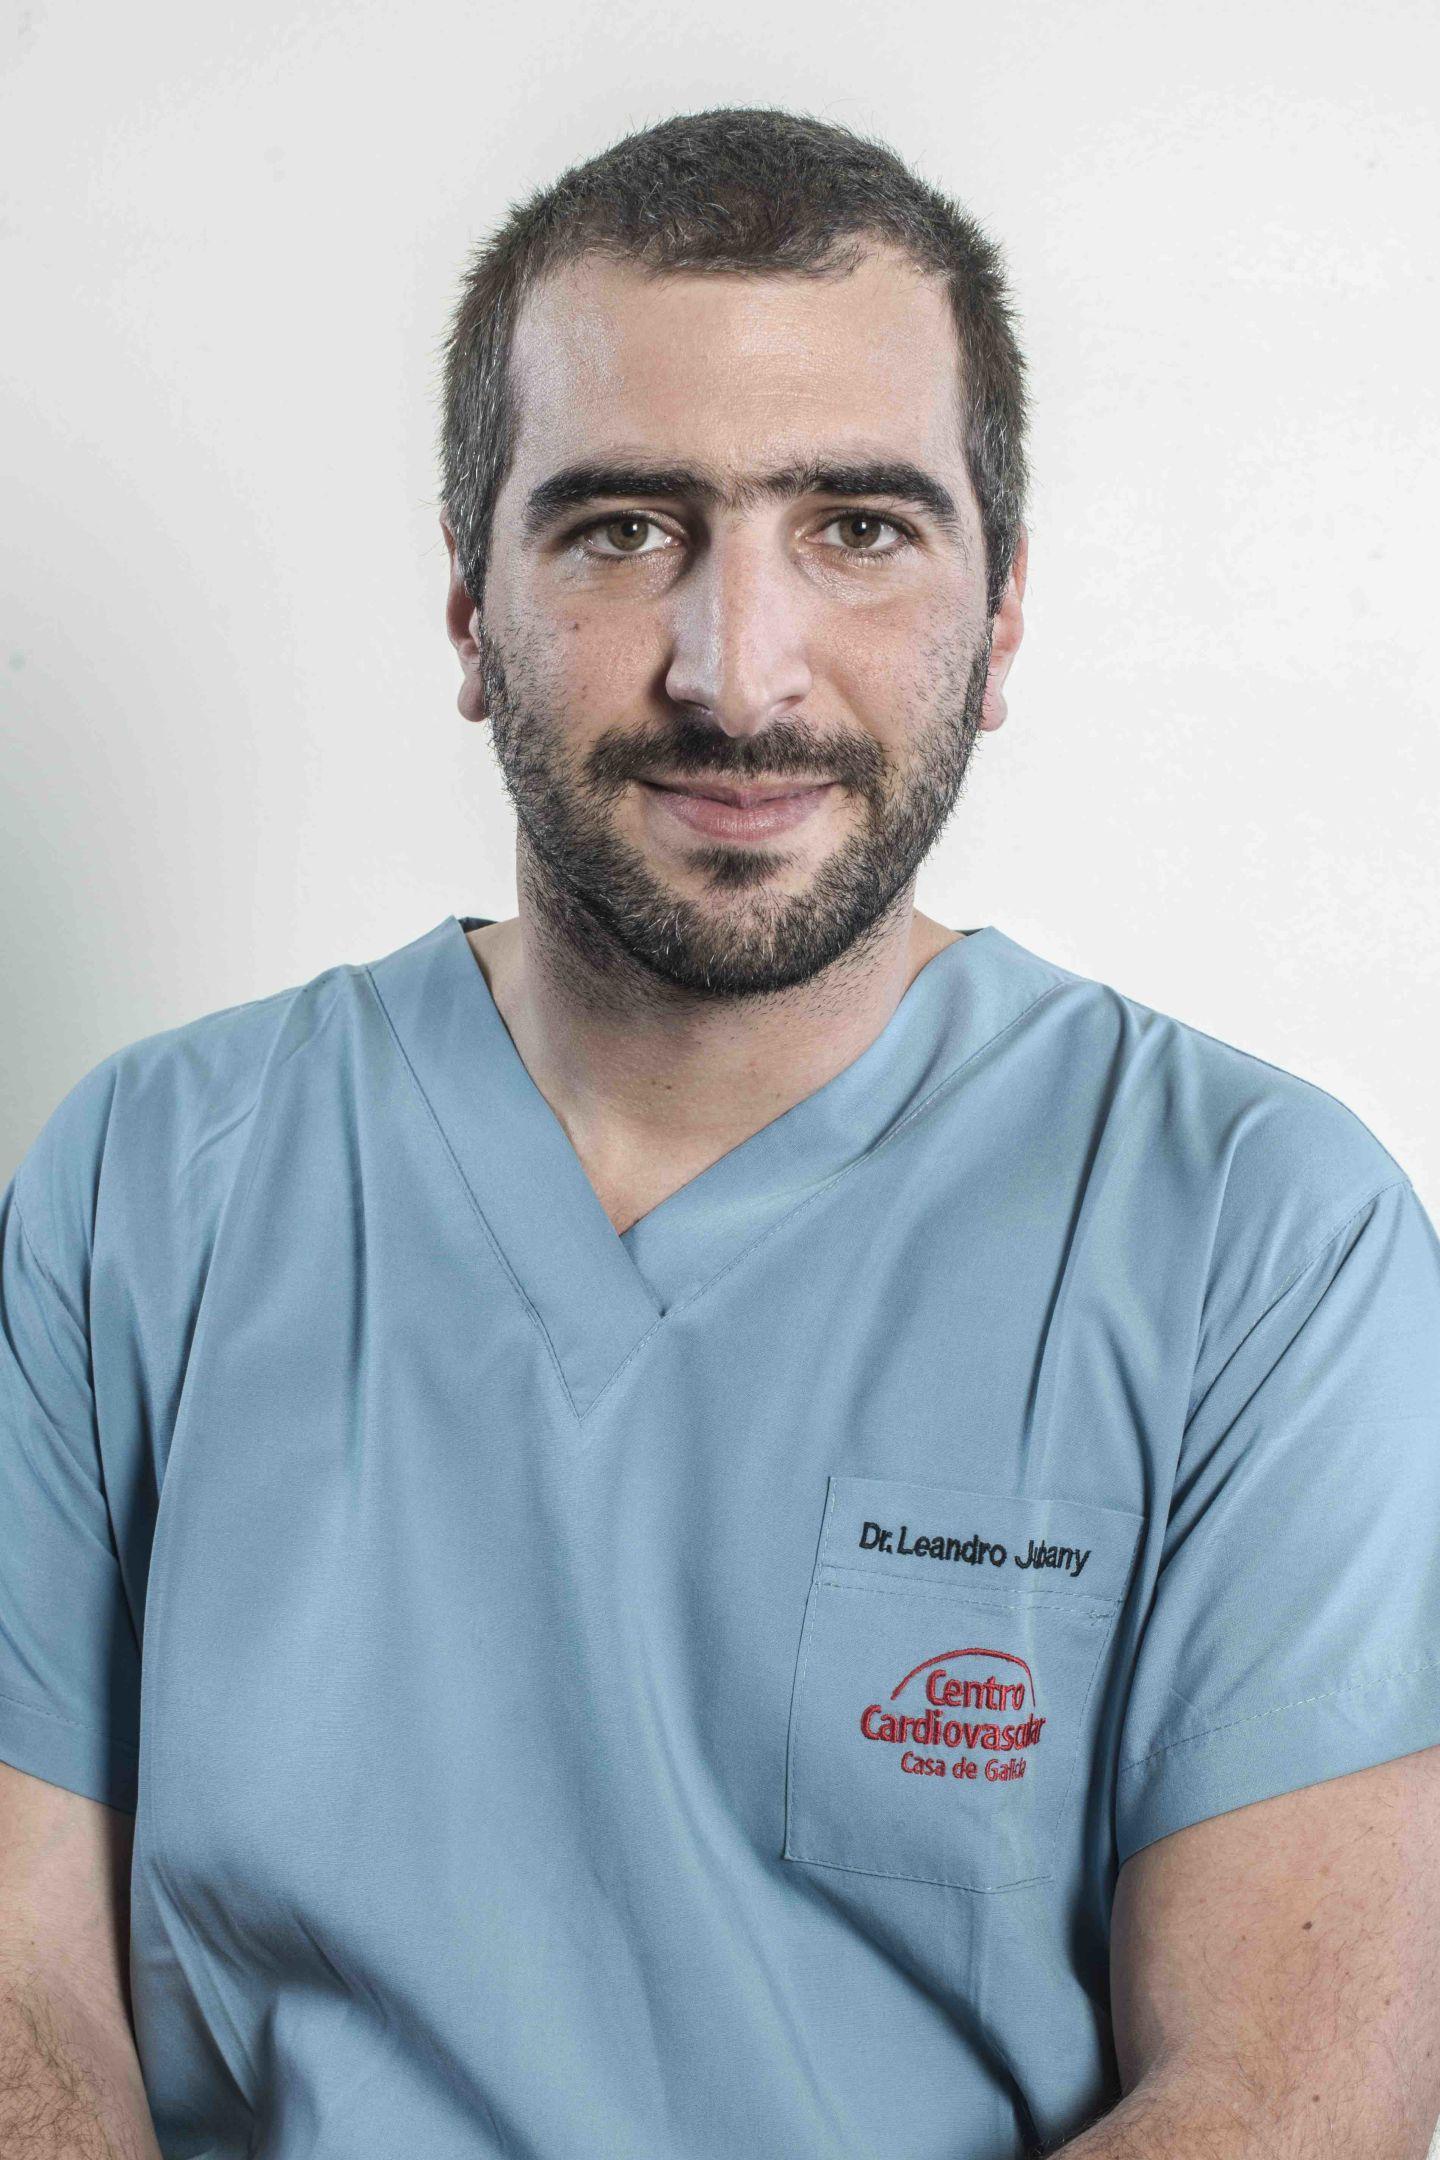 Dr. Leandro Jubany